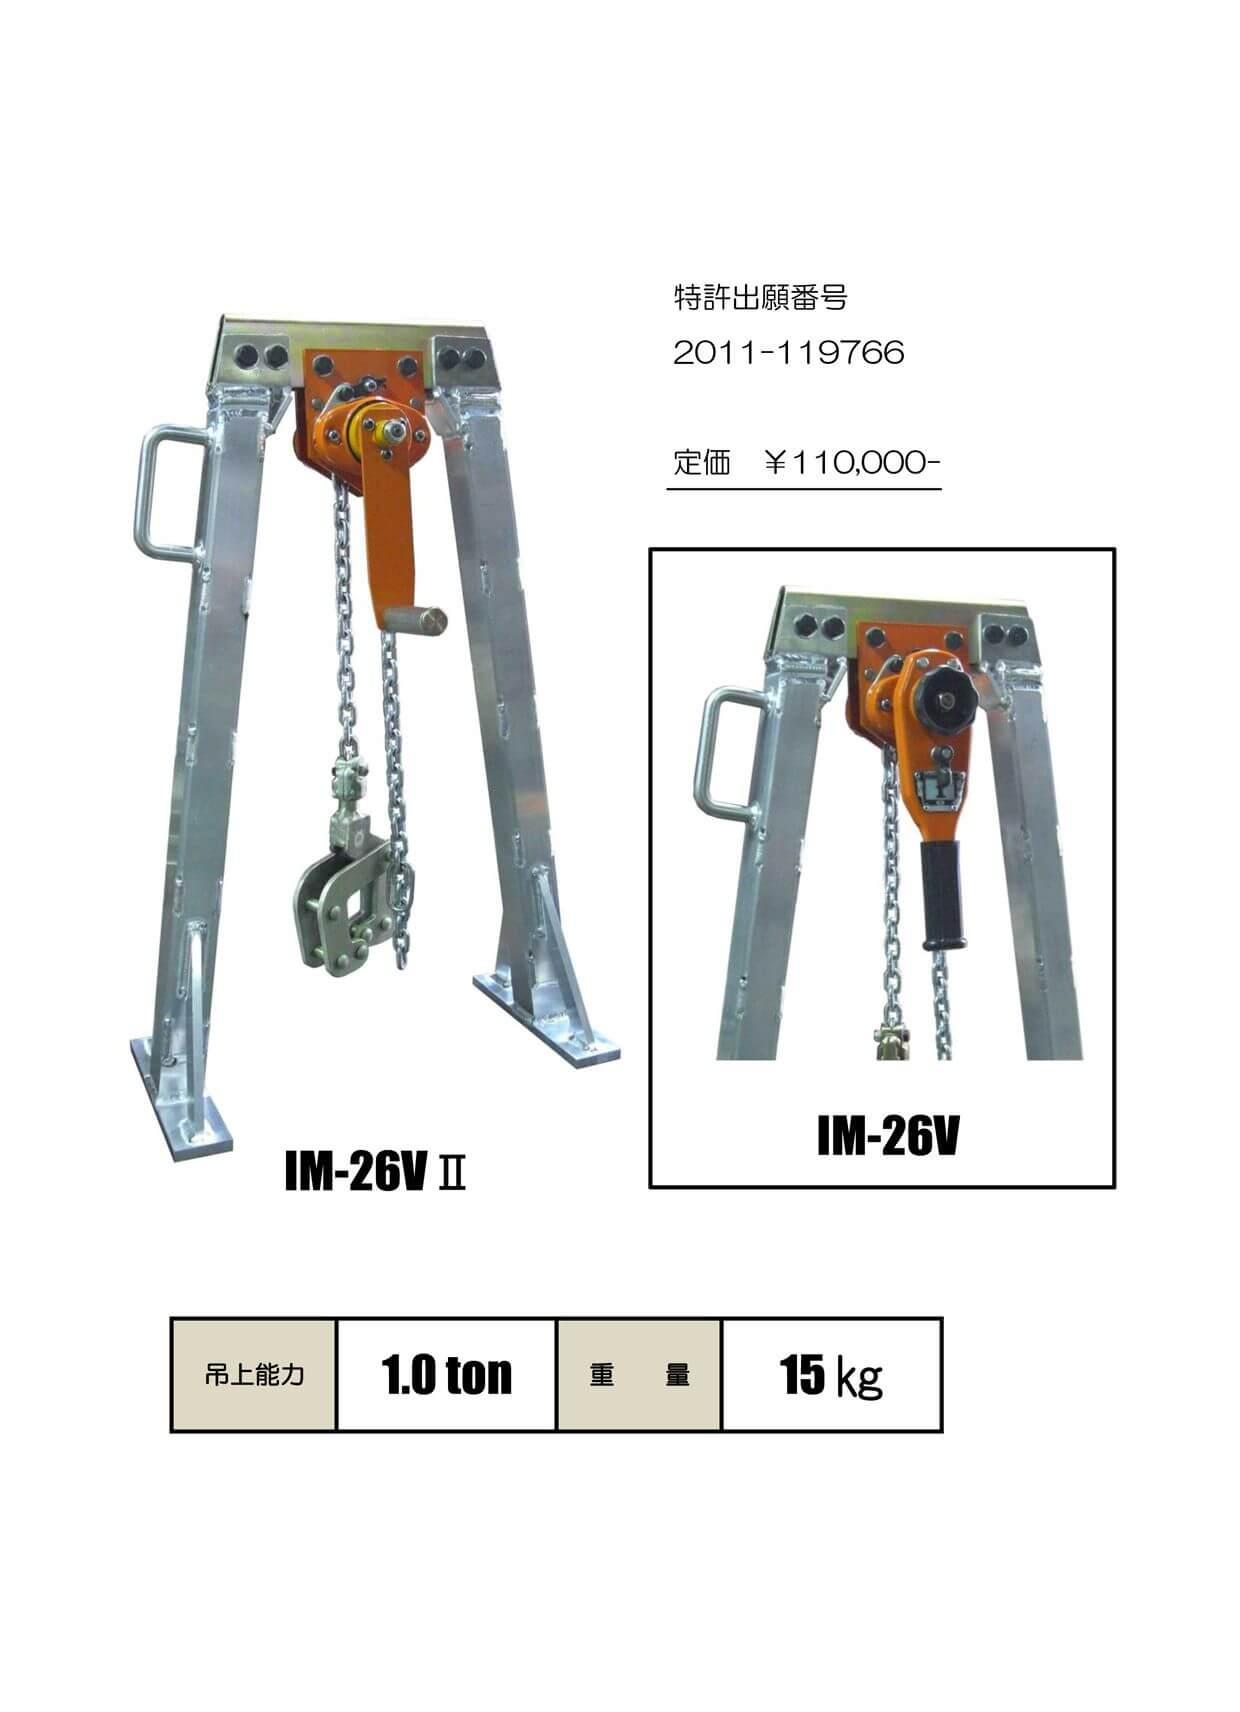 レール吊上器